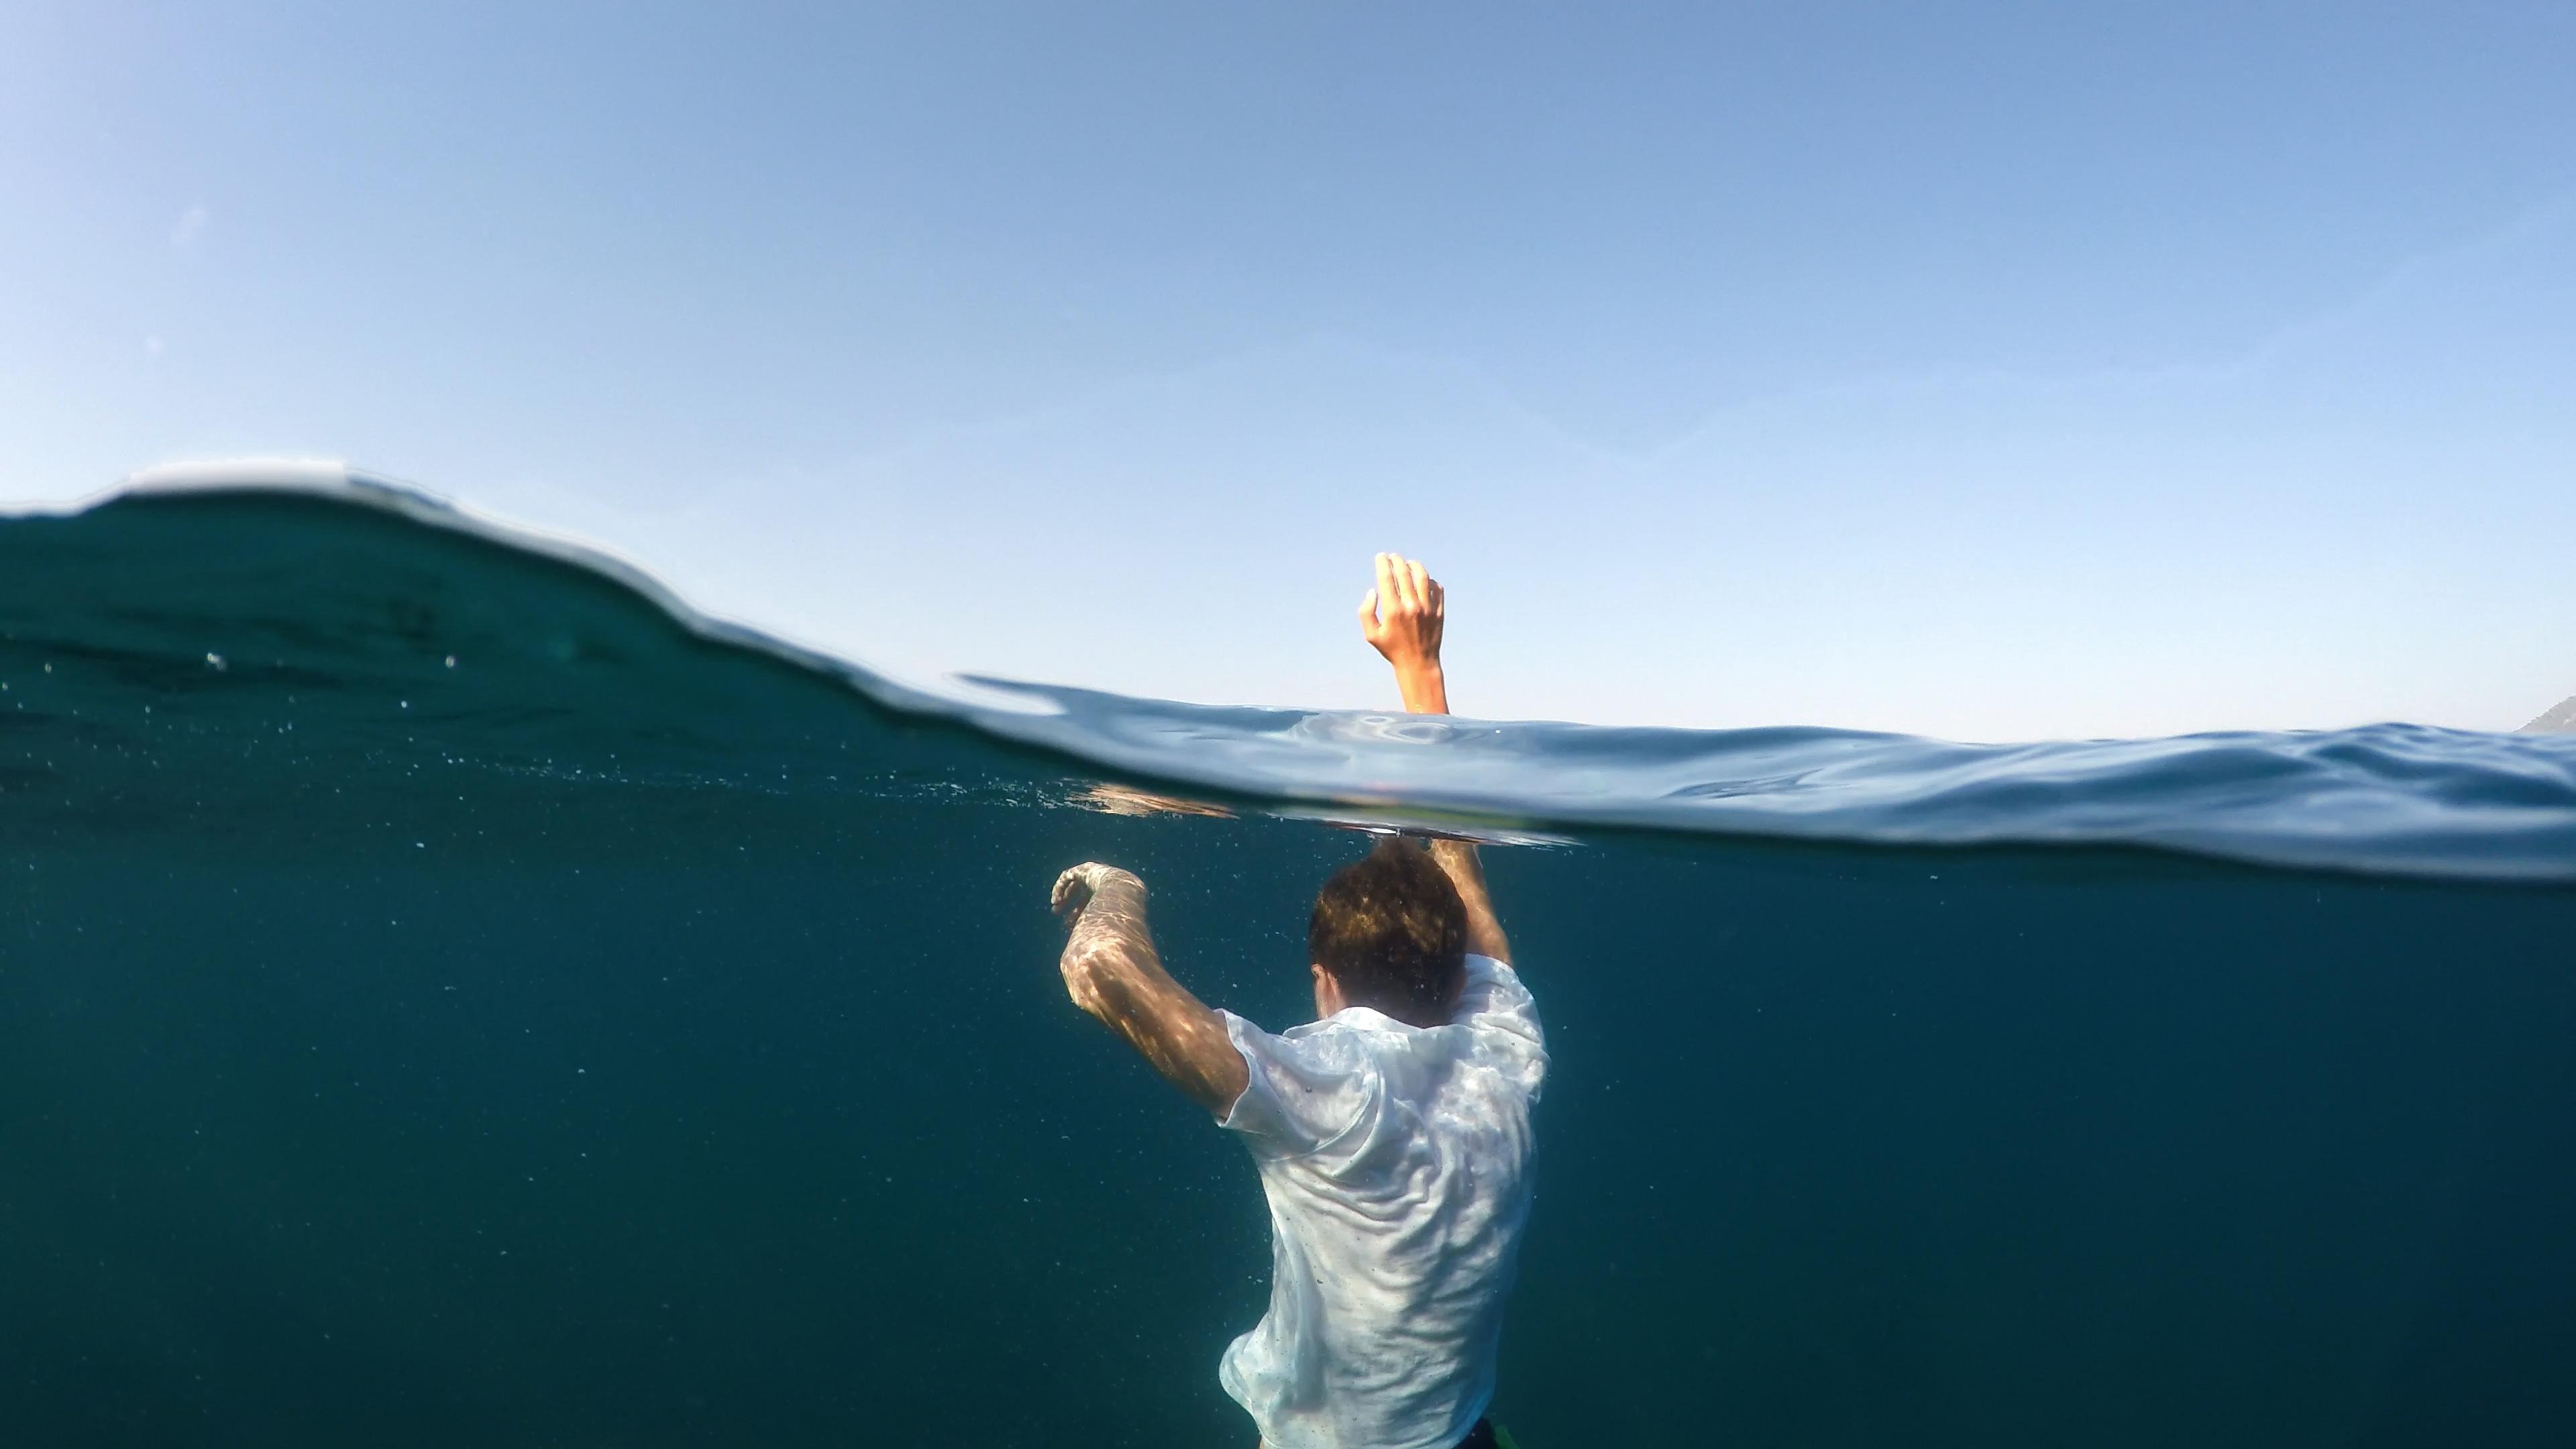 Drunkning är inte som på film, det innebär inte alltid flaxande armar och skrik på hjälp.